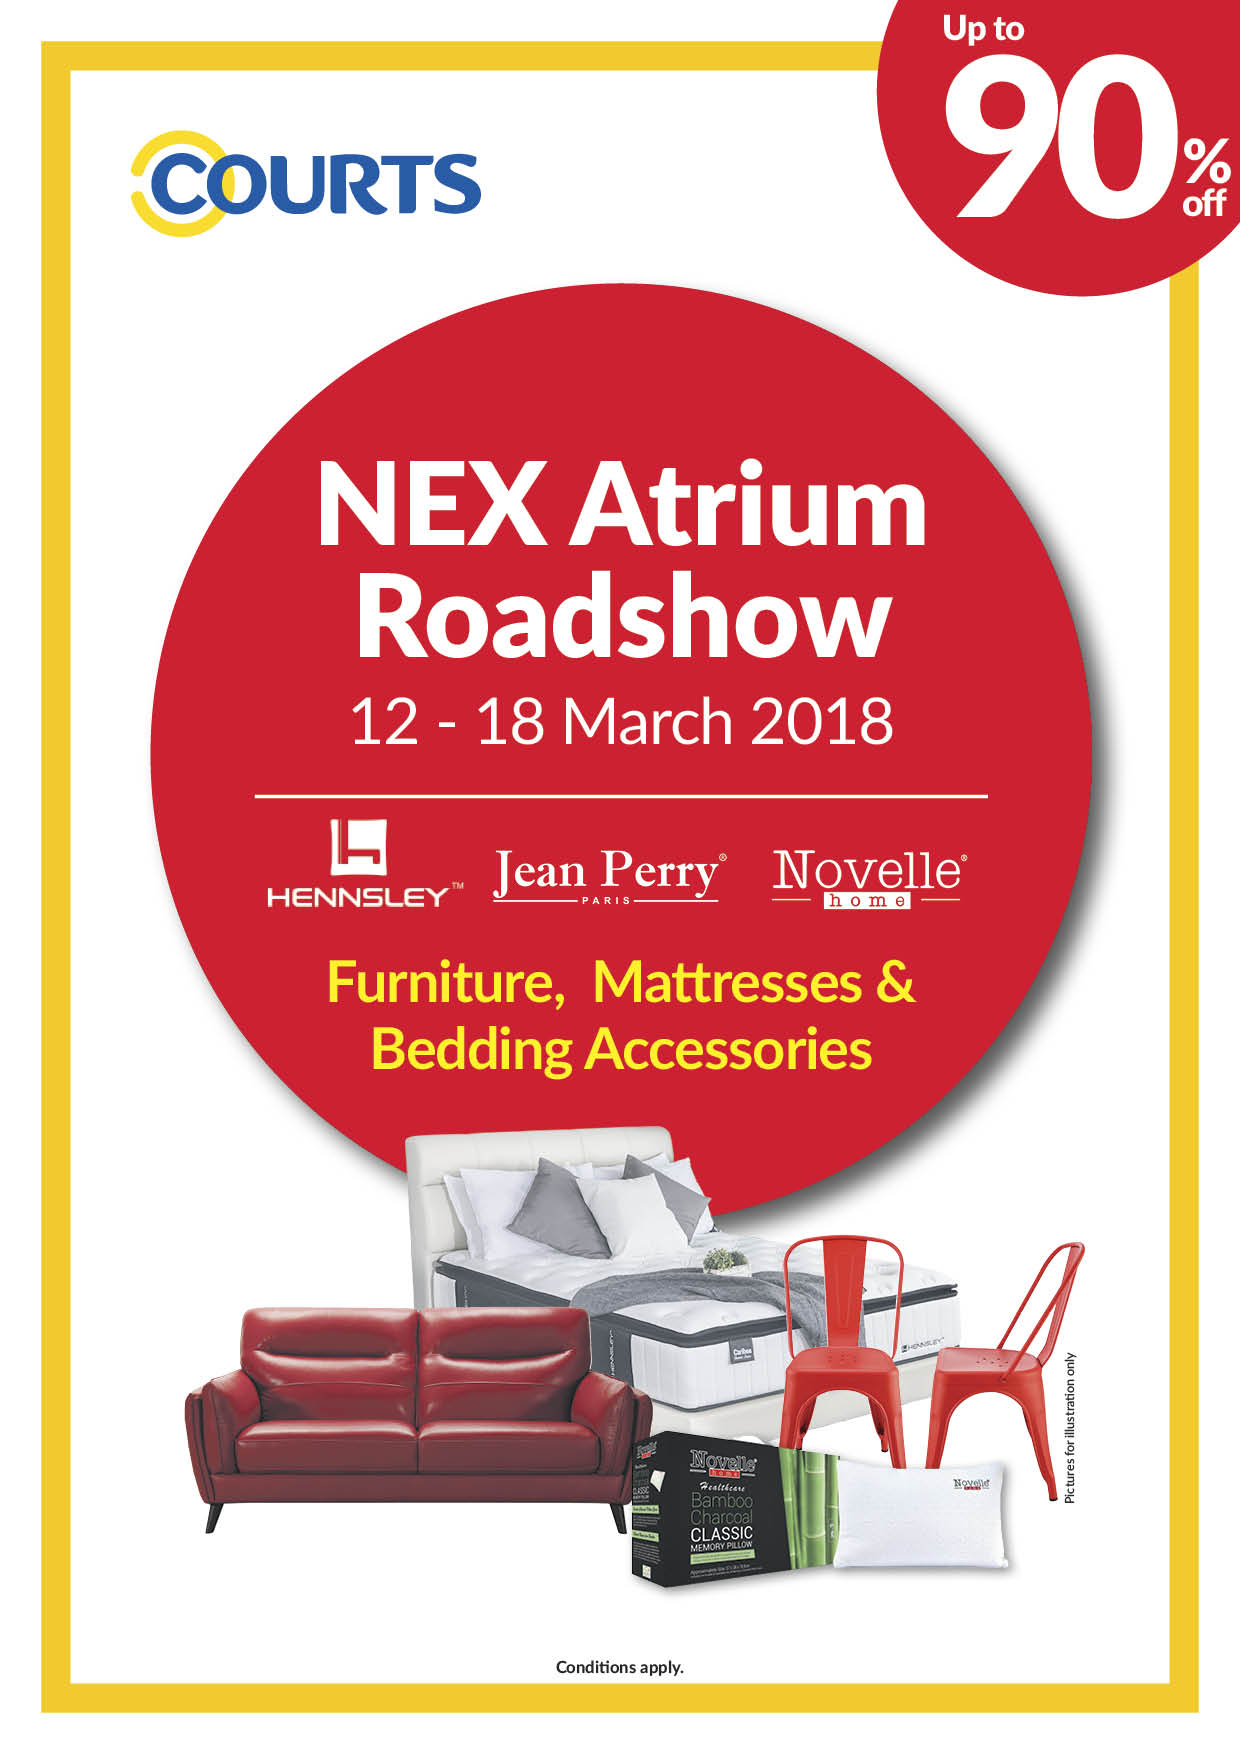 COURTS Nex Atrium Roadshow_12-18Mar2018